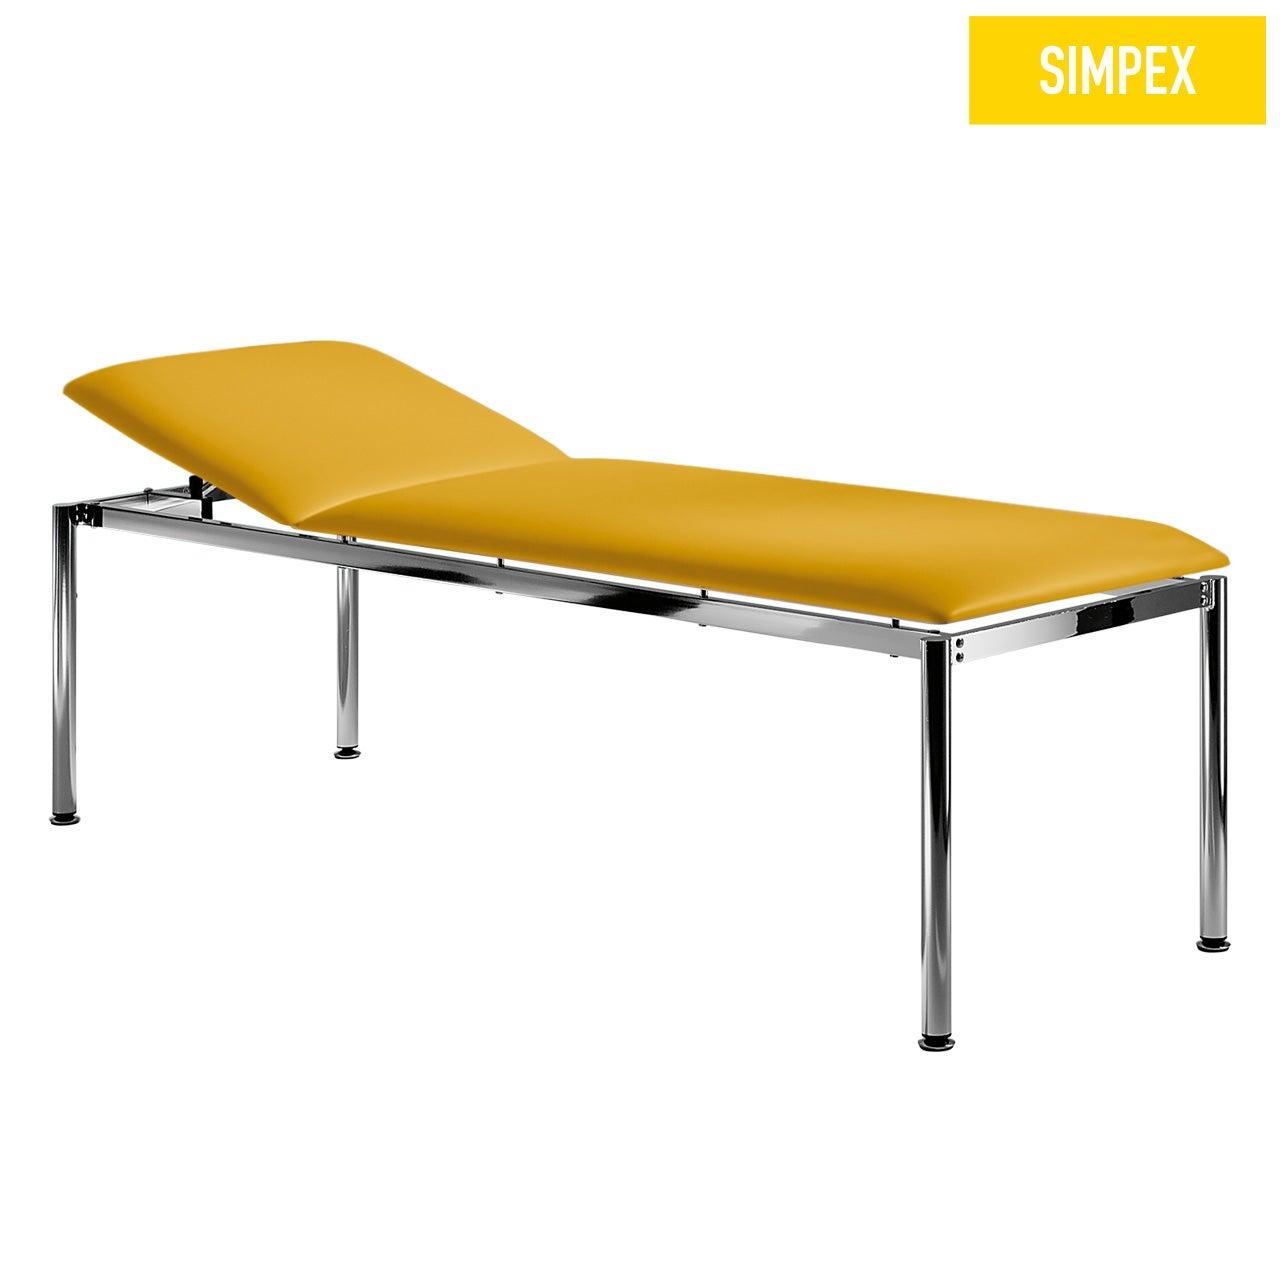 Designerliege RONDO-MED 65 Classic XL mit Kunstleder in gelb (mais) und einem Gestell aus Stahl verchromt von SIMPEX